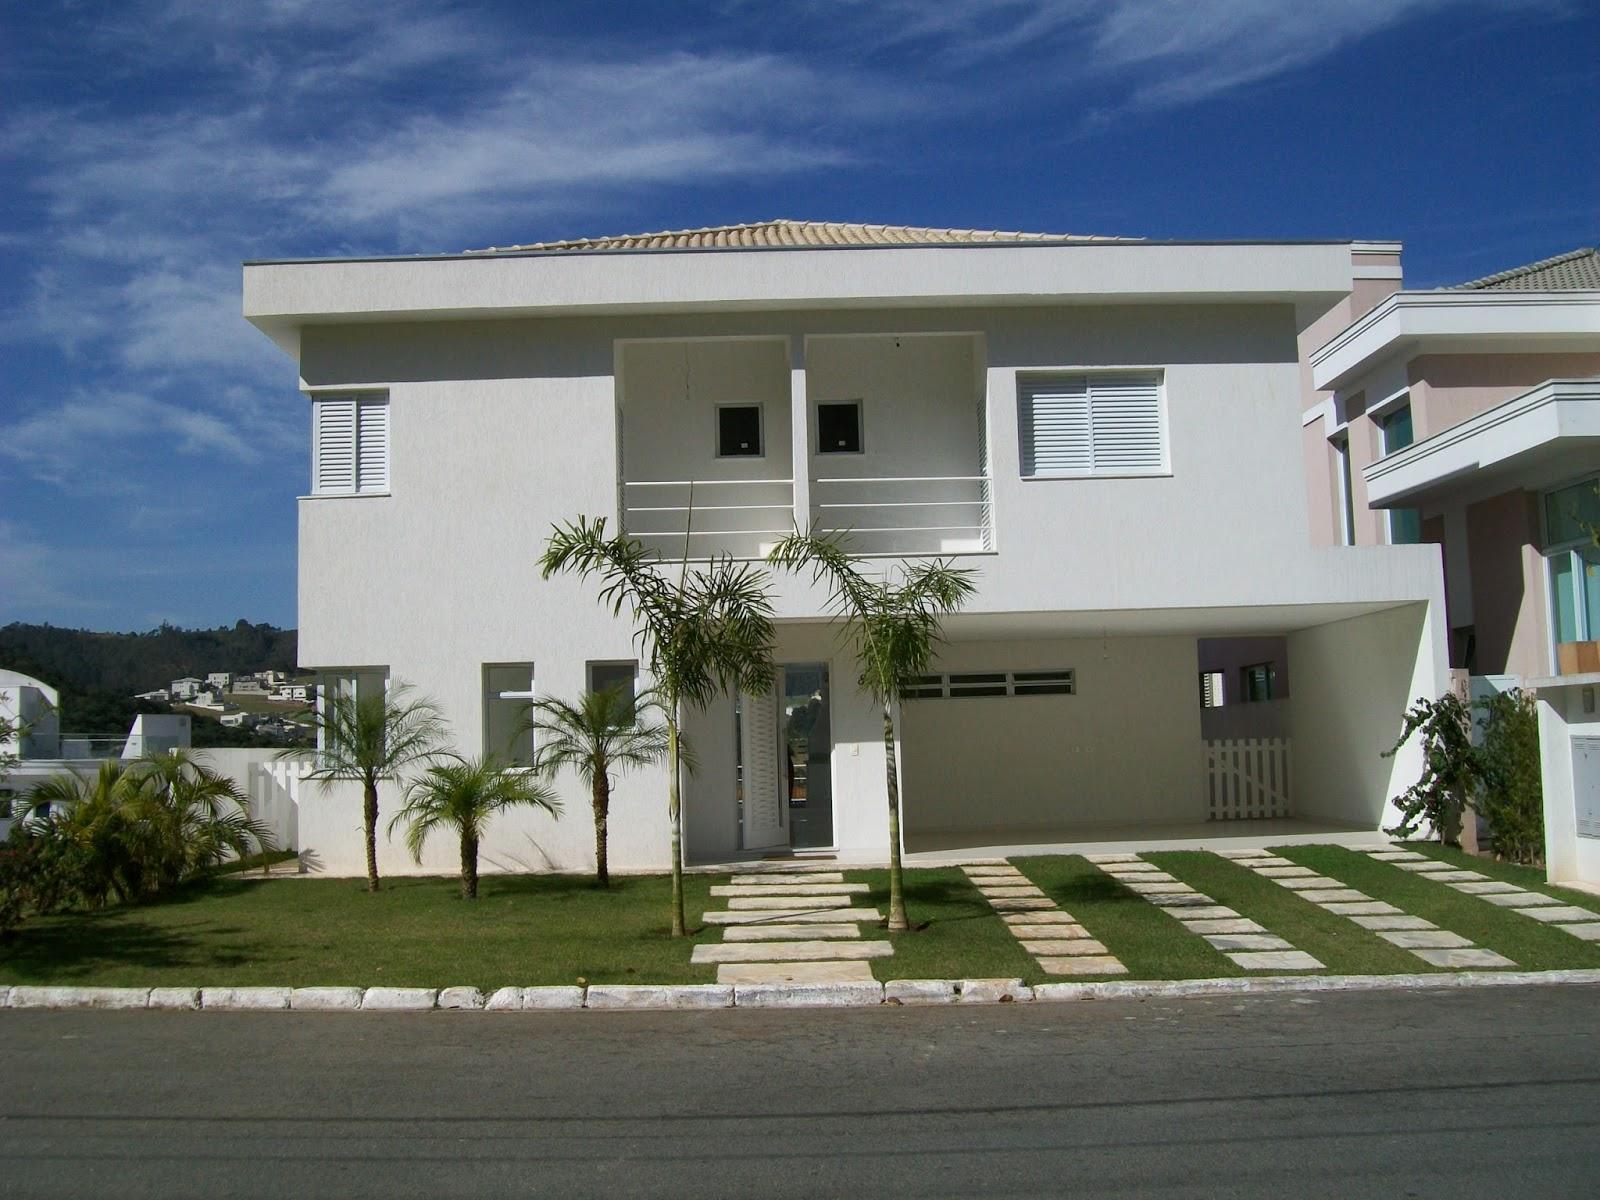 Casa nova à venda em Alphaville / Alphasítio: Casa Nova em  #284B81 1600 1200